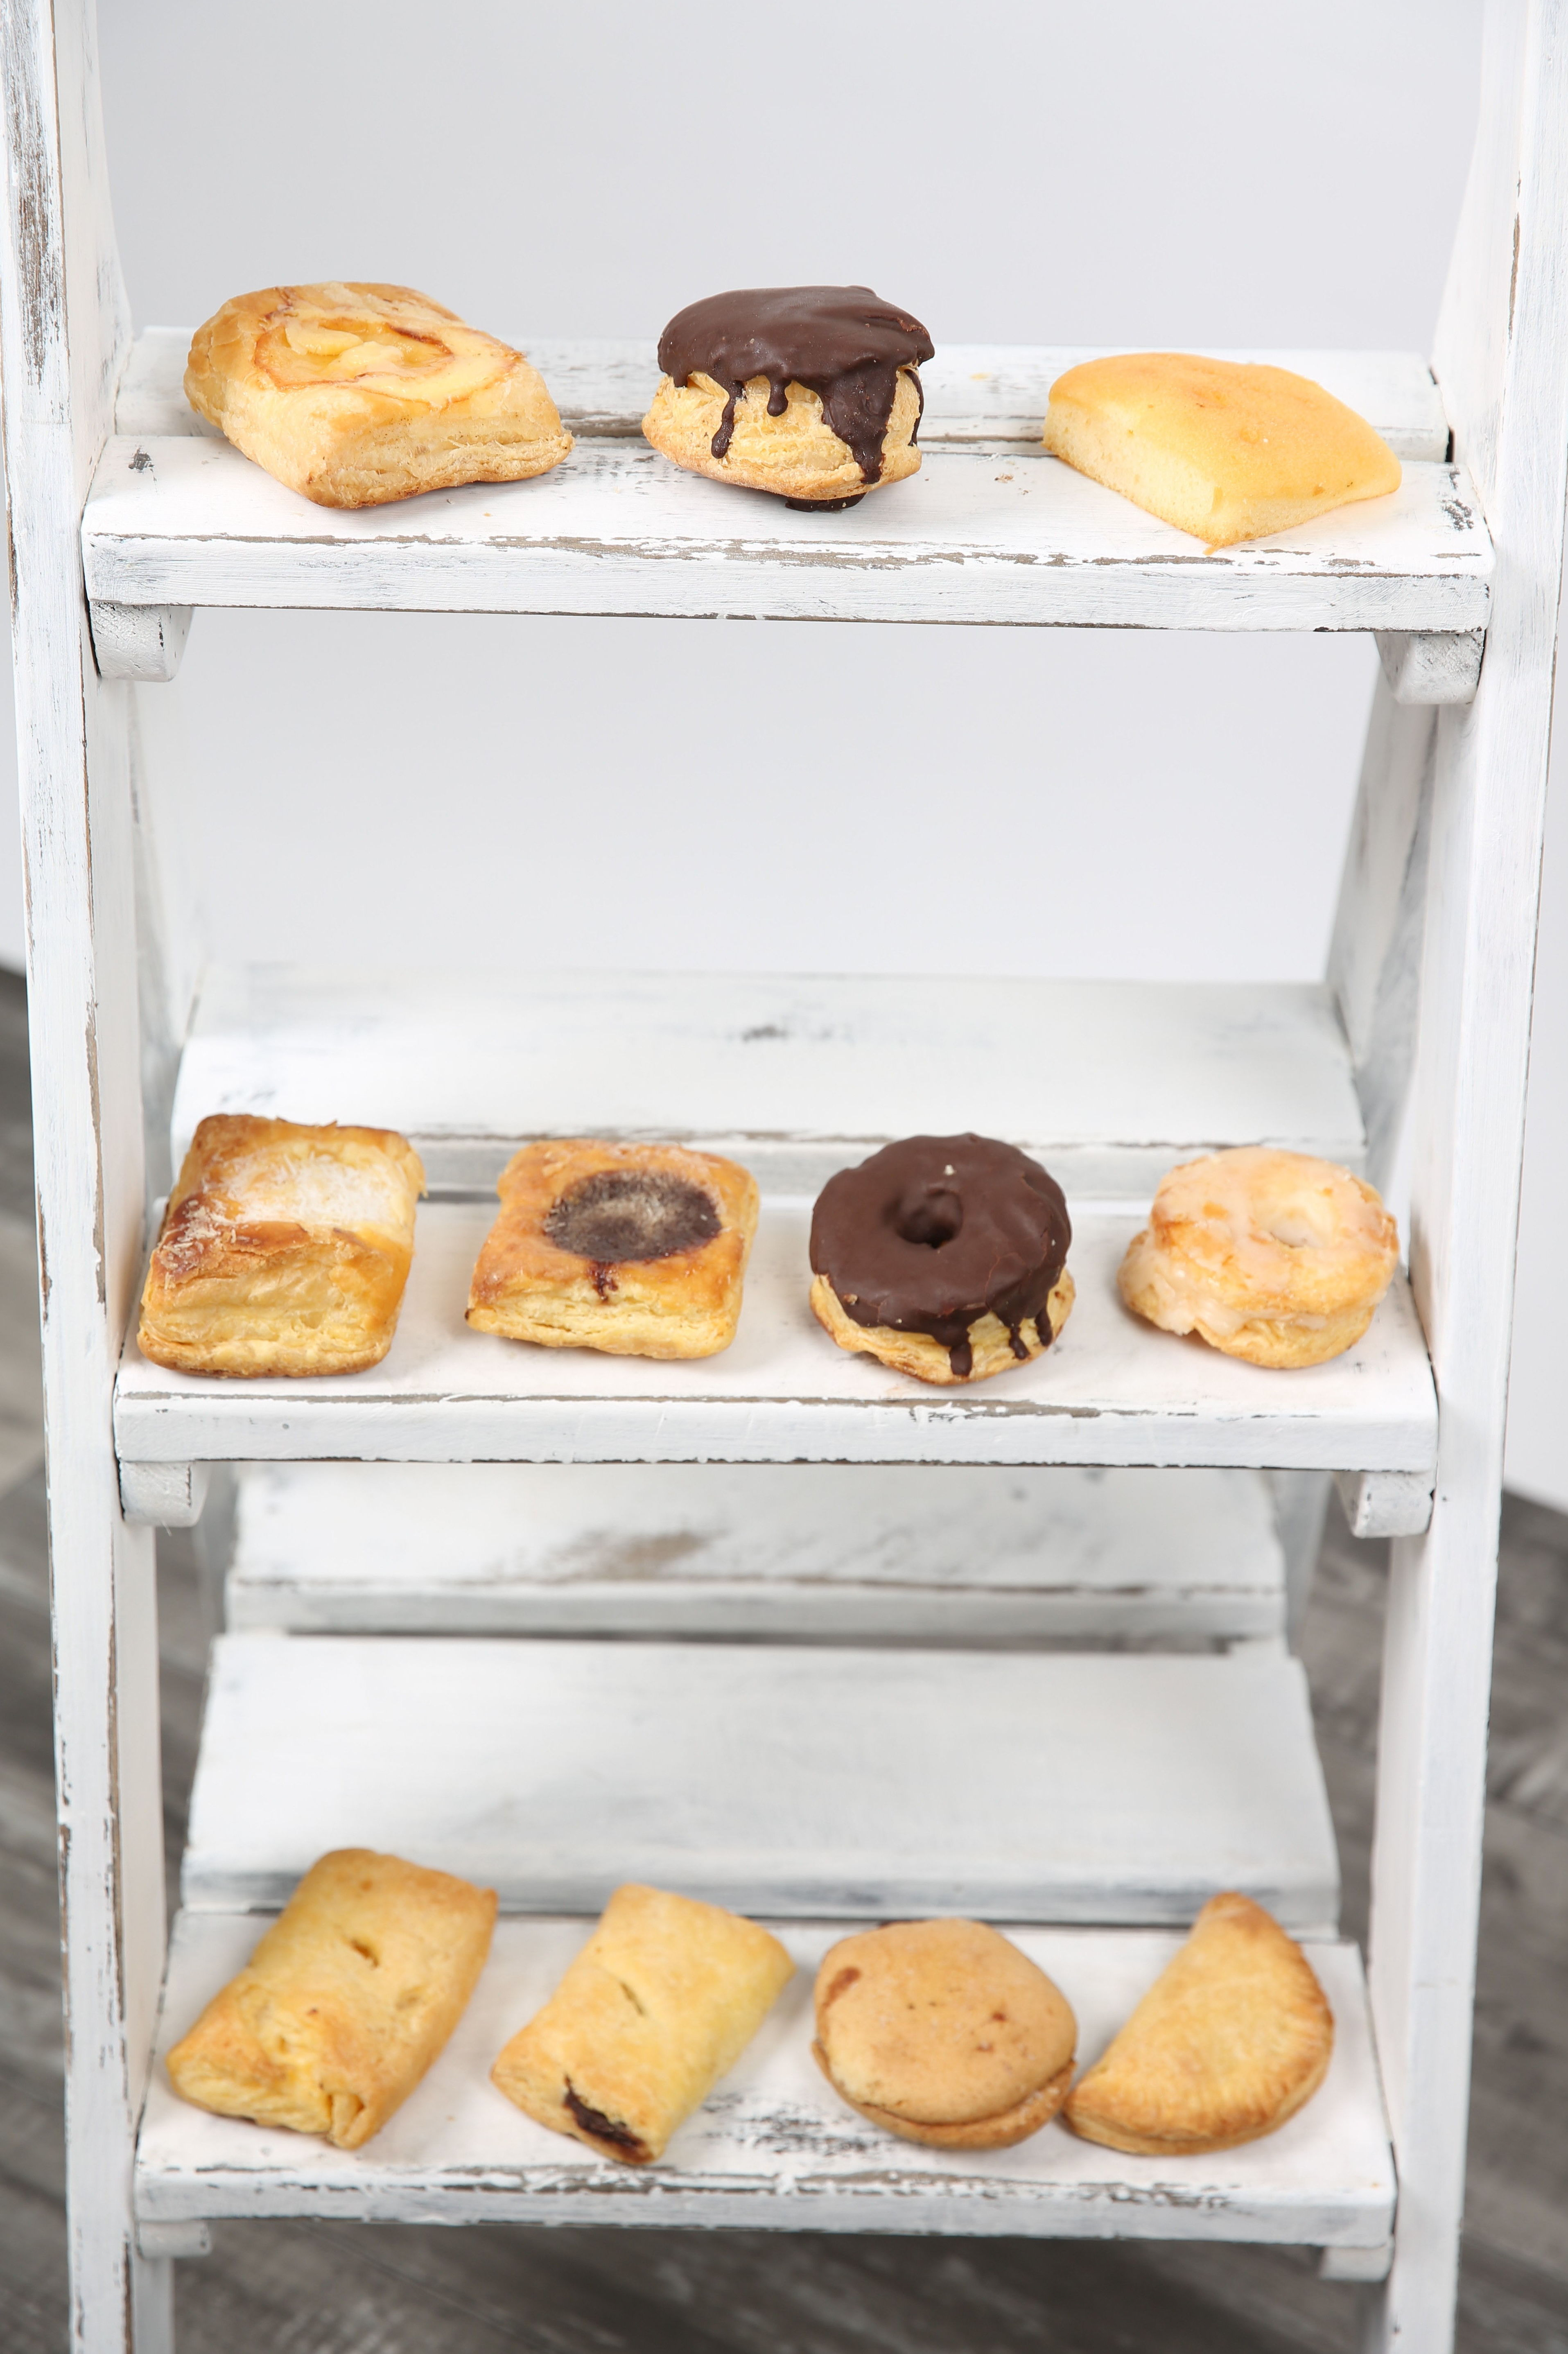 Foto 27 de Productos sin gluten y sin lactosa en Valencia | La Tatarabuela Magdalena